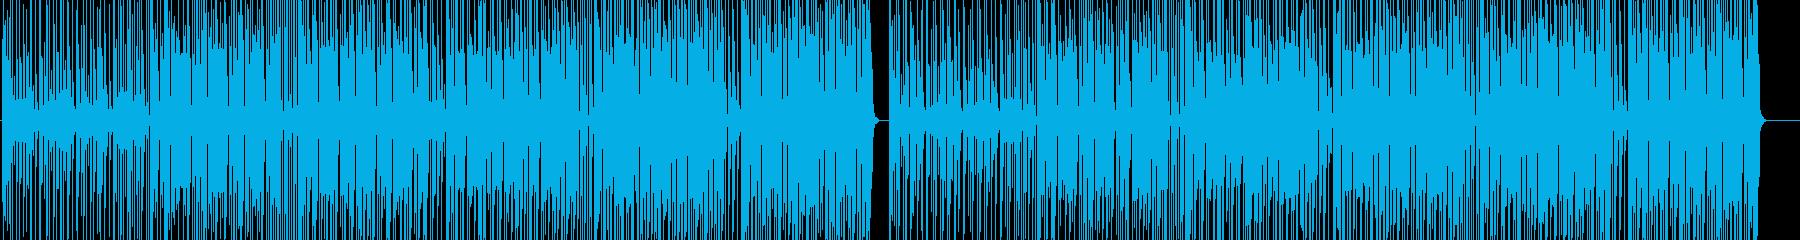 電子楽器。風変わりな音色に興味があ...の再生済みの波形